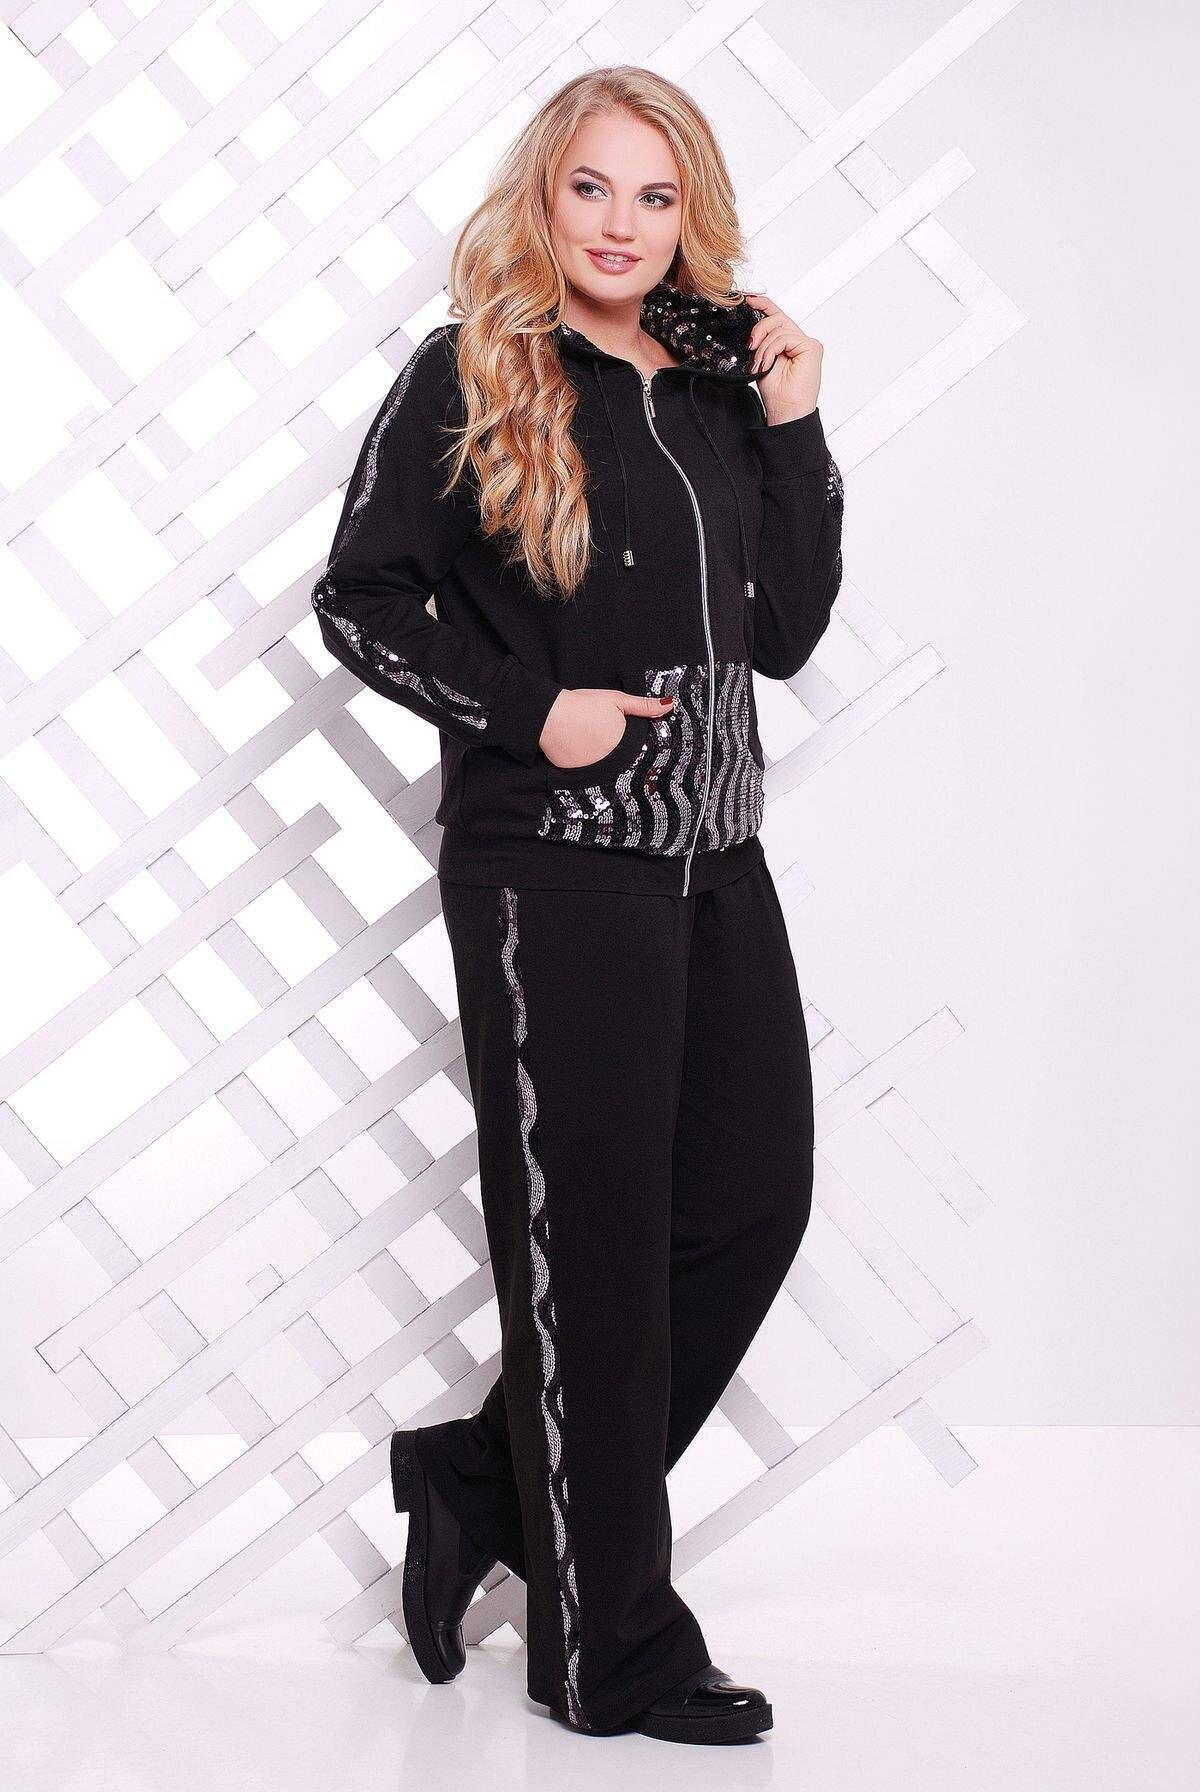 88668ca471e57 ❈Женские спортивные костюмы - купить недорого модные и стильные в ...